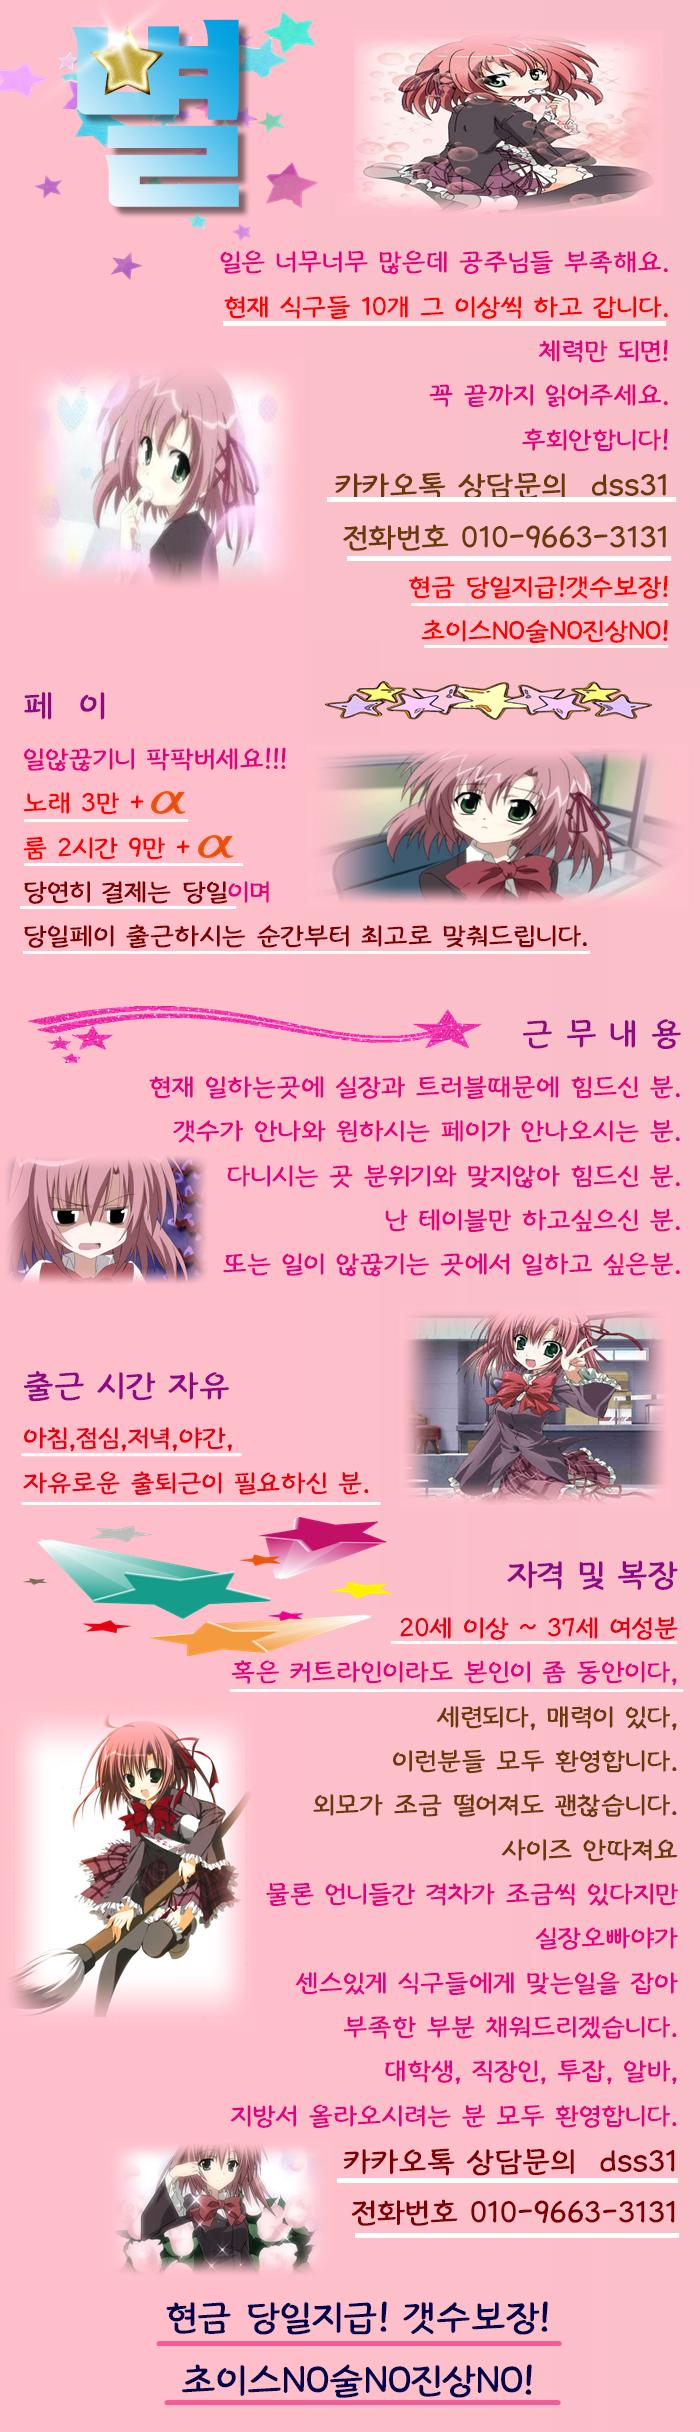 나나알바 서울송파 별